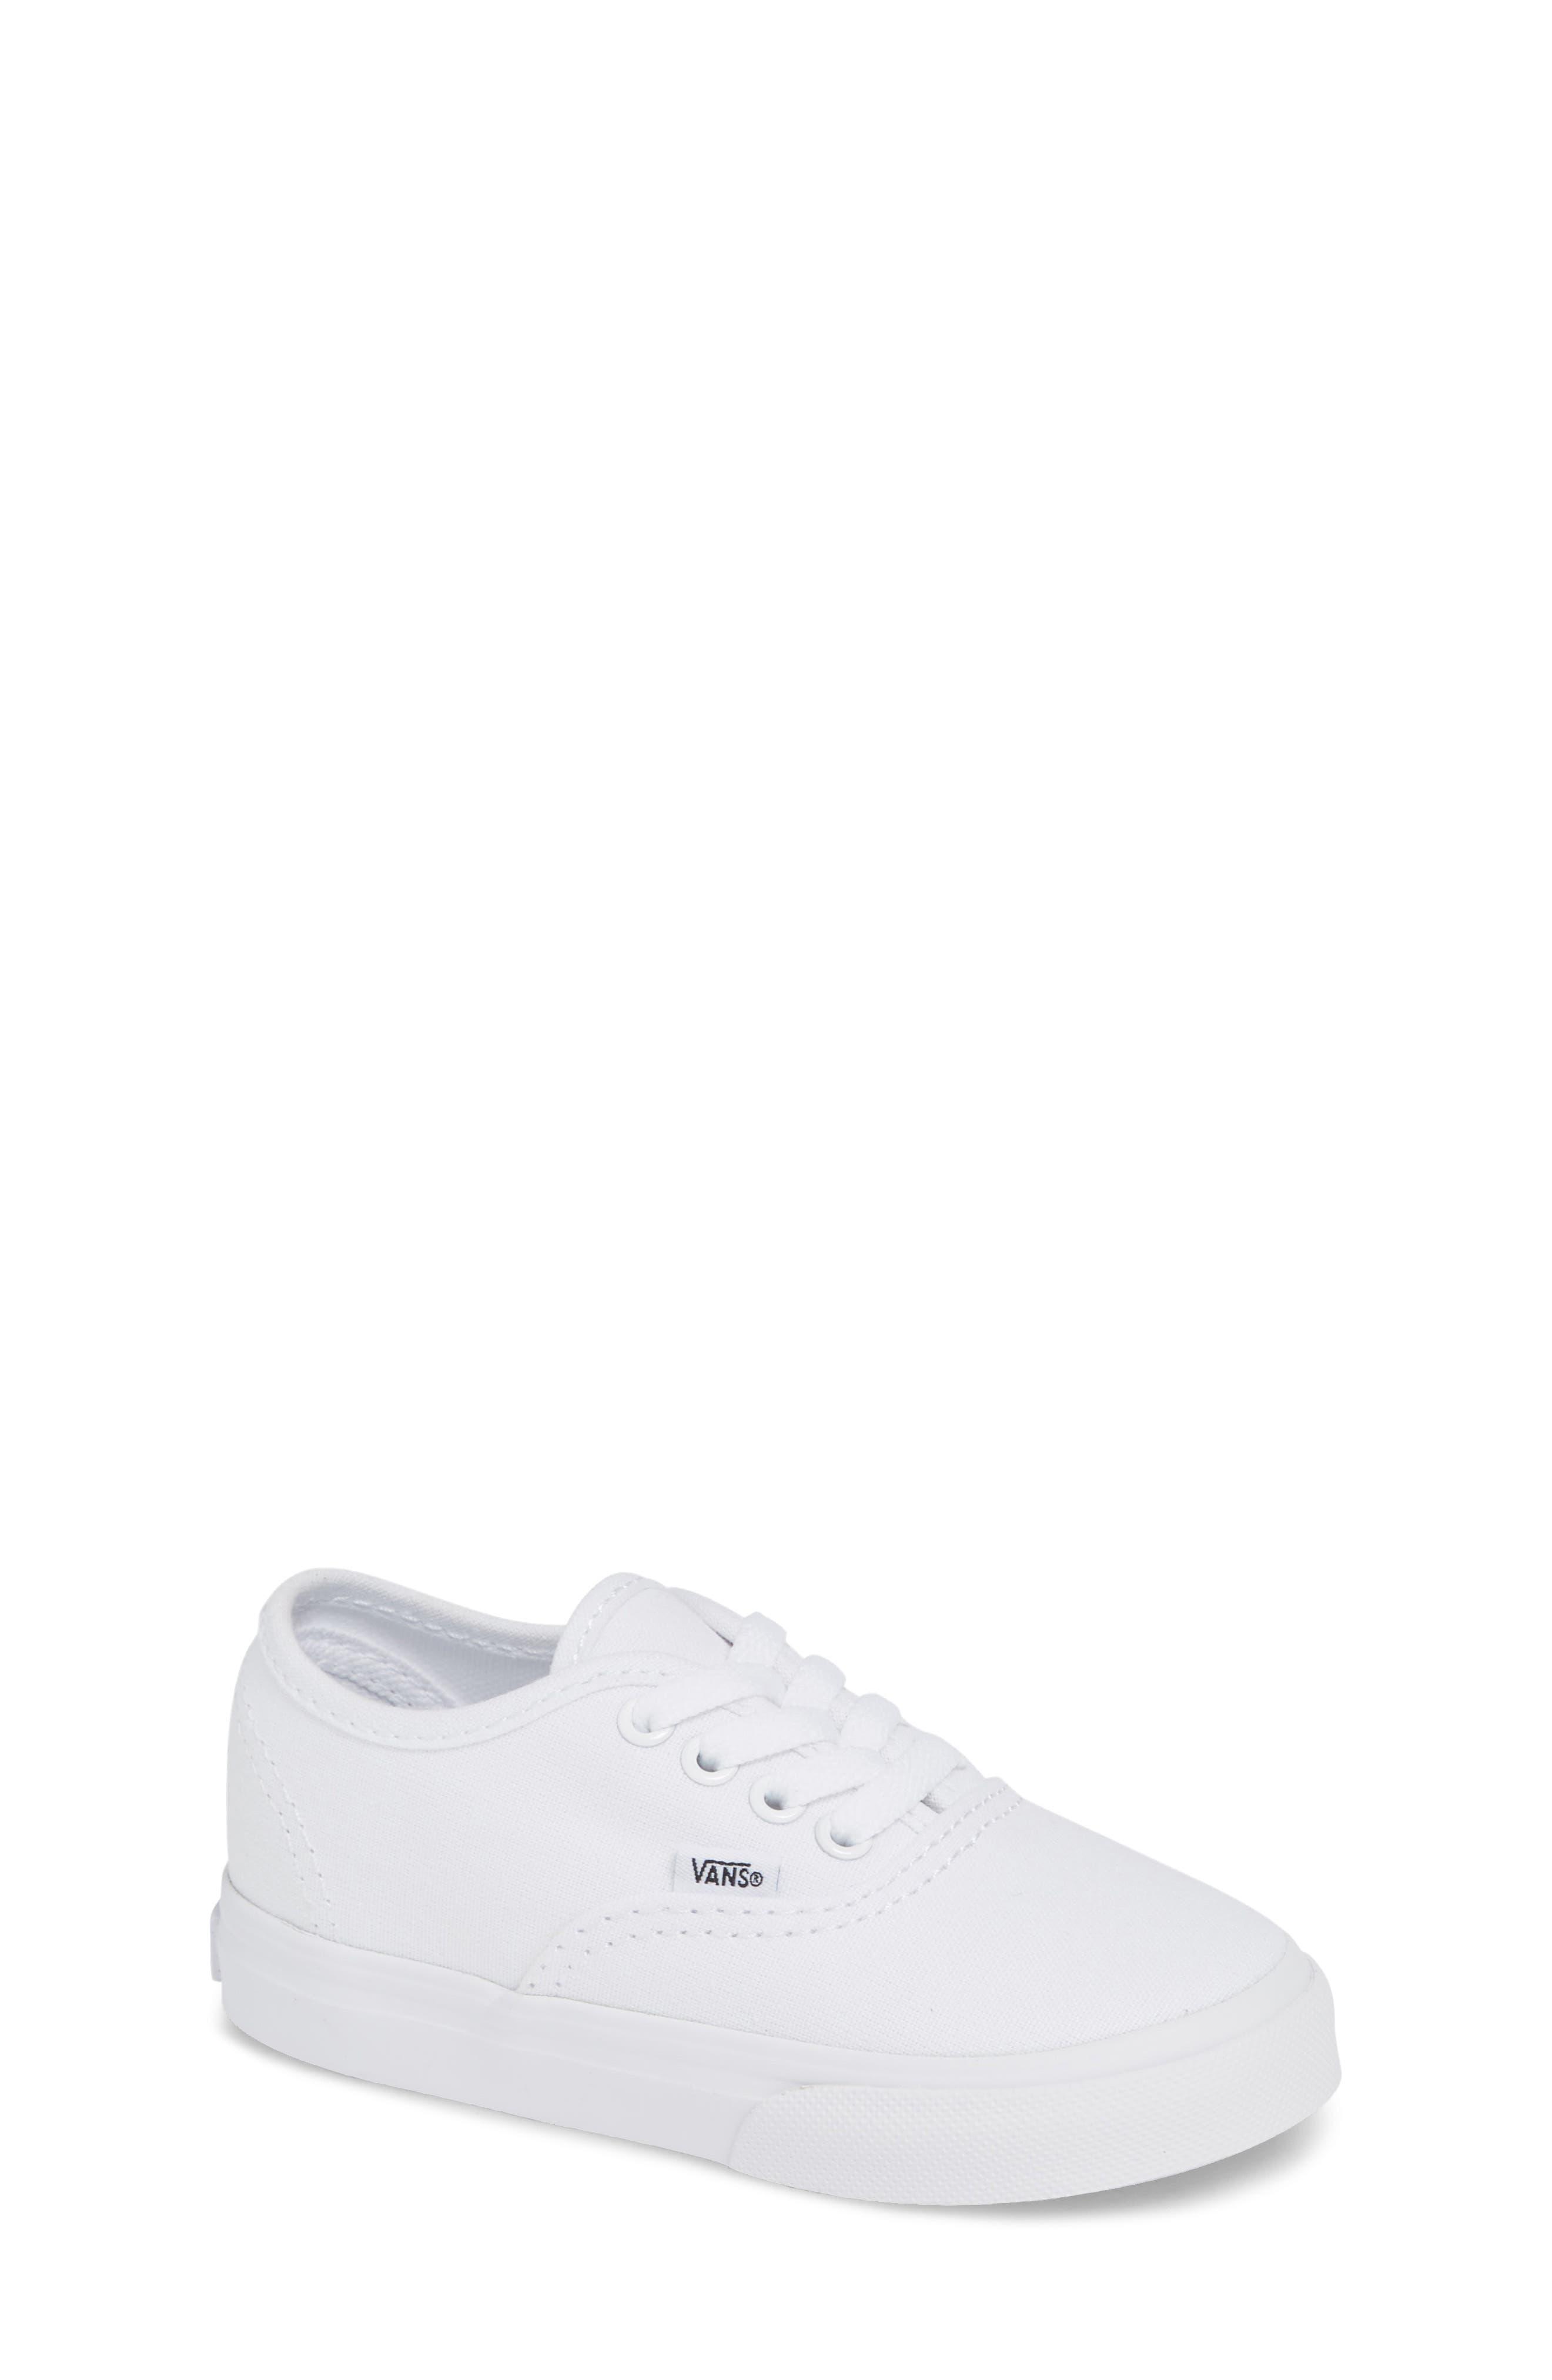 70cc341002 Girls  Vans Shoes